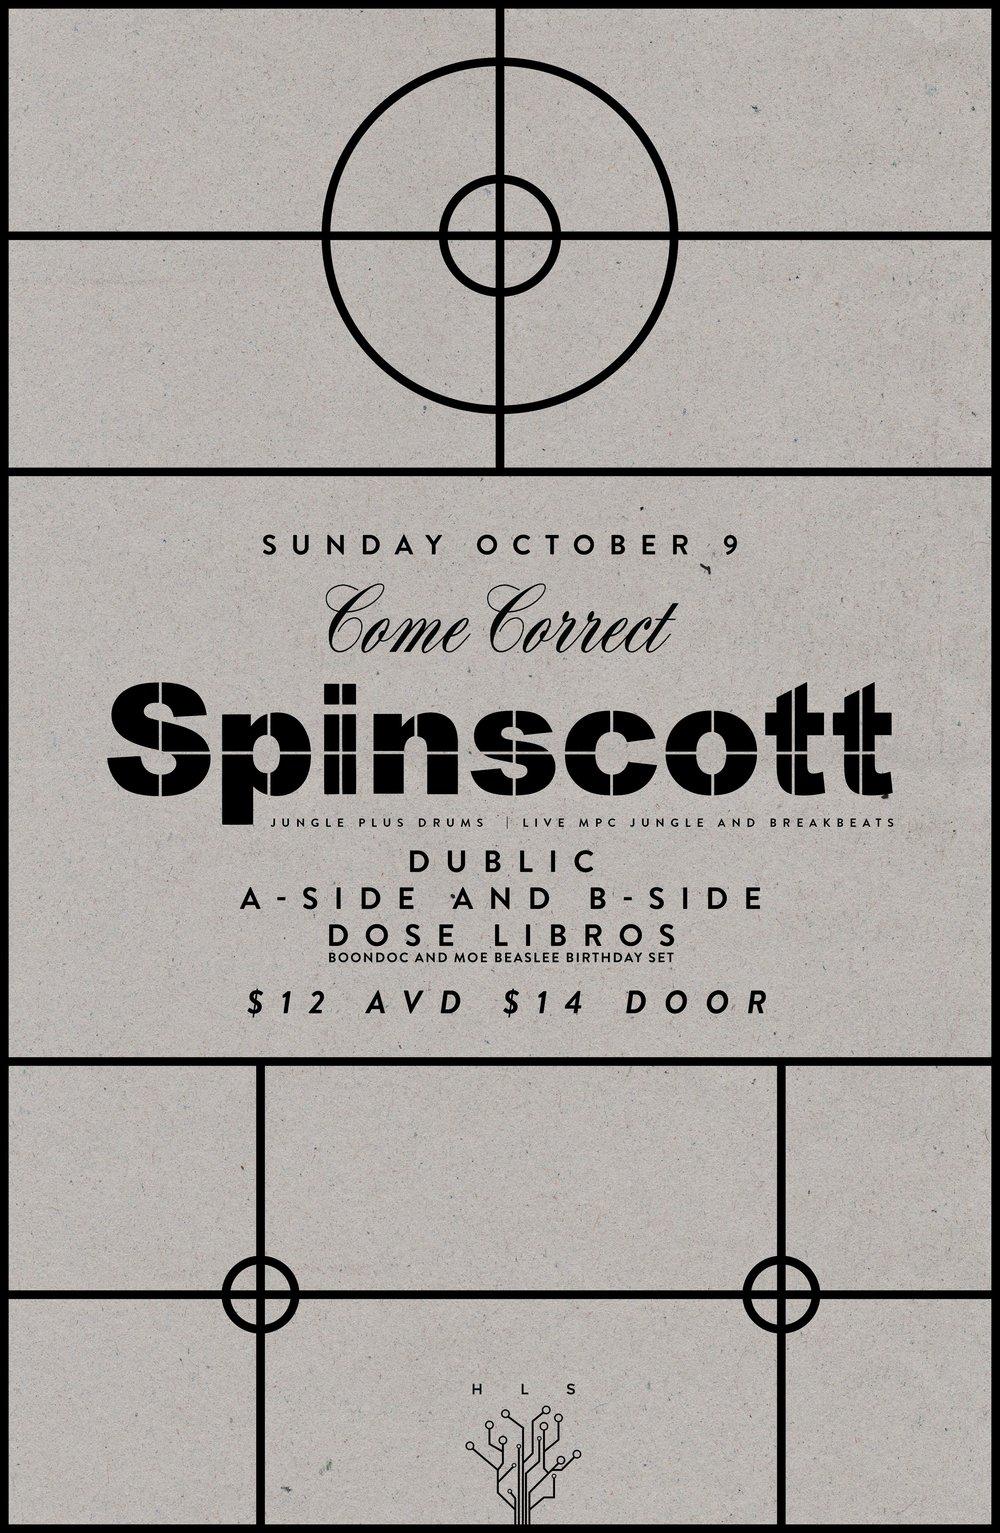 Spinscott-habitat-living-sound